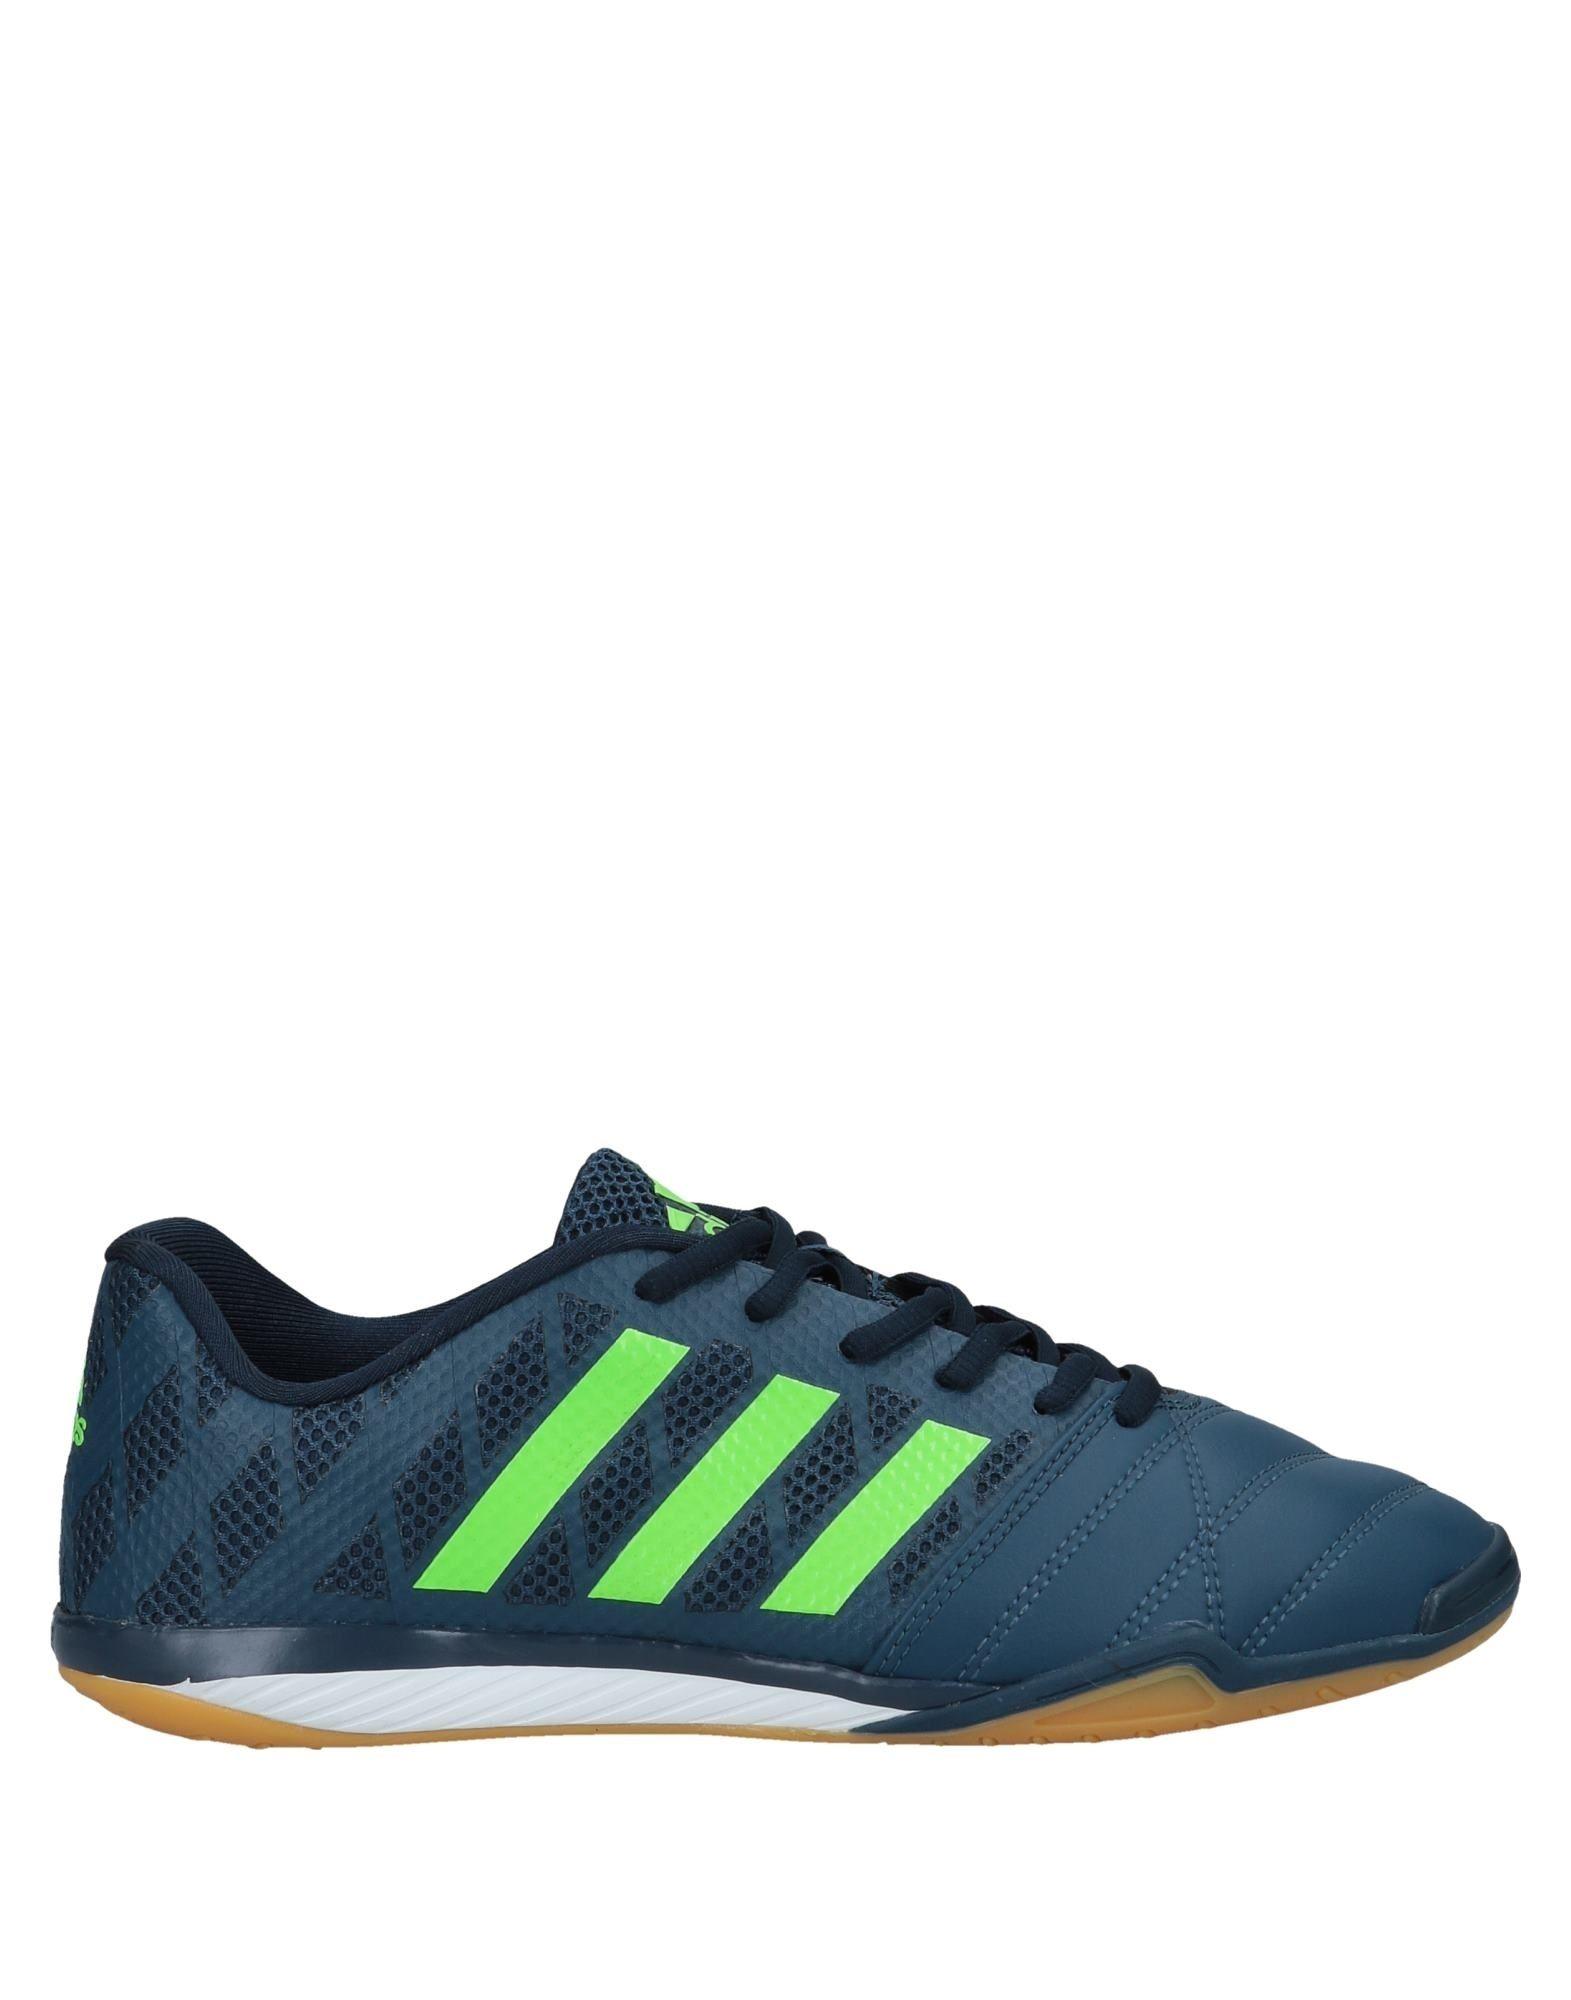 Nuevos zapatos mujeres, para hombres y mujeres, zapatos descuento por tiempo limitado  Zapatillas Adidas Hombre - Zapatillas Adidas e6e784